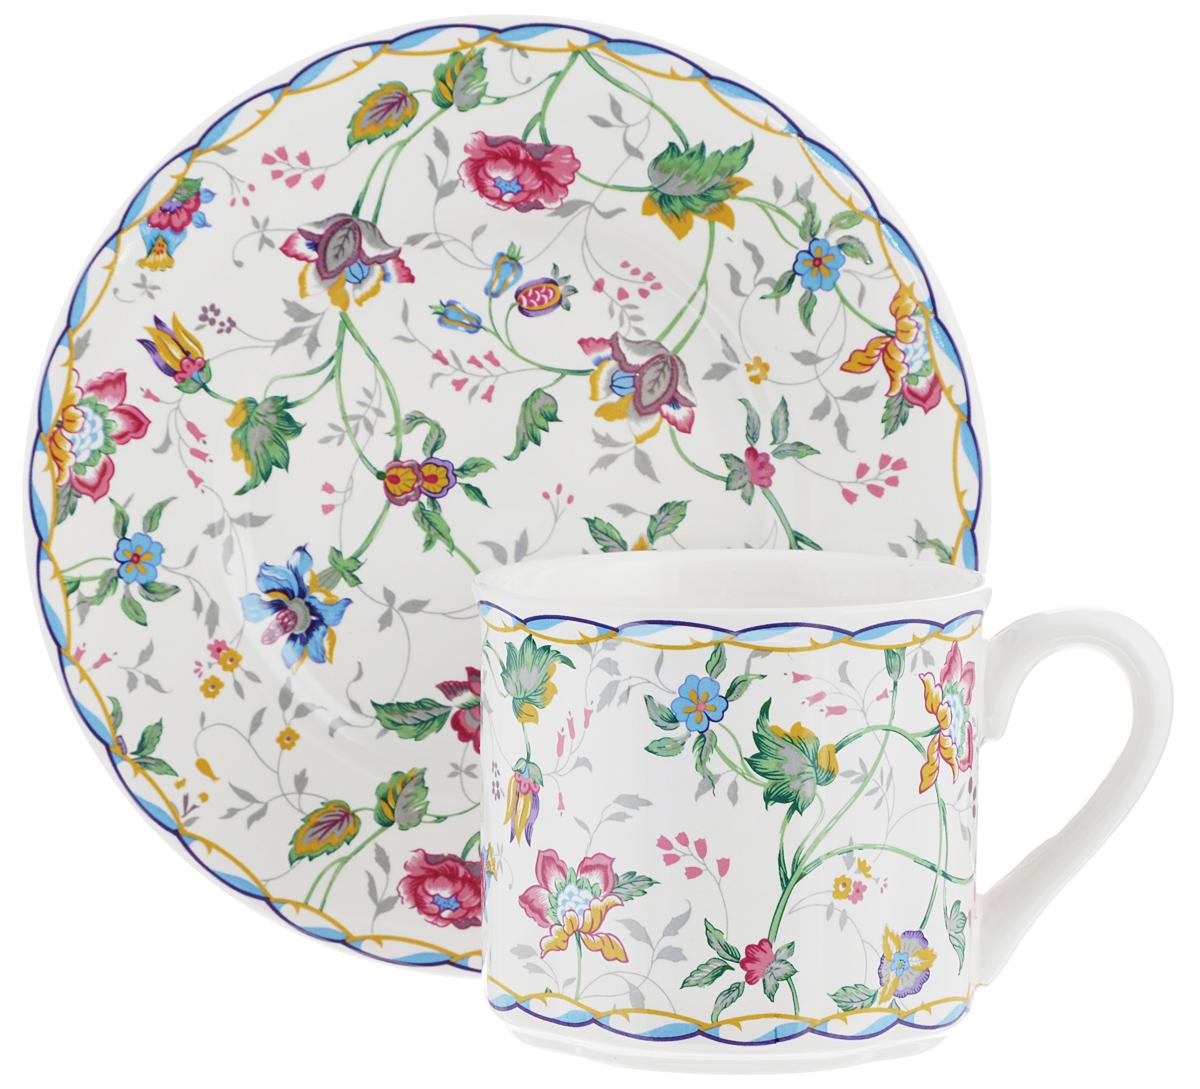 Чайная пара Gotoff, 2 предмета115510Чайная пара Gotoff состоит из чашки и блюдца, изготовленных из высококачественного фаянса. Оригинальный яркий дизайн, несомненно, придется вам по вкусу.Чайная пара Gotoff украсит ваш кухонный стол, а также станет замечательным подарком к любому празднику.Диаметр чашки (по верхнему краю): 8 см.Высота чашки: 8 см.Объем чашки: 200 мл.Диаметр блюдца: 16,5 см.